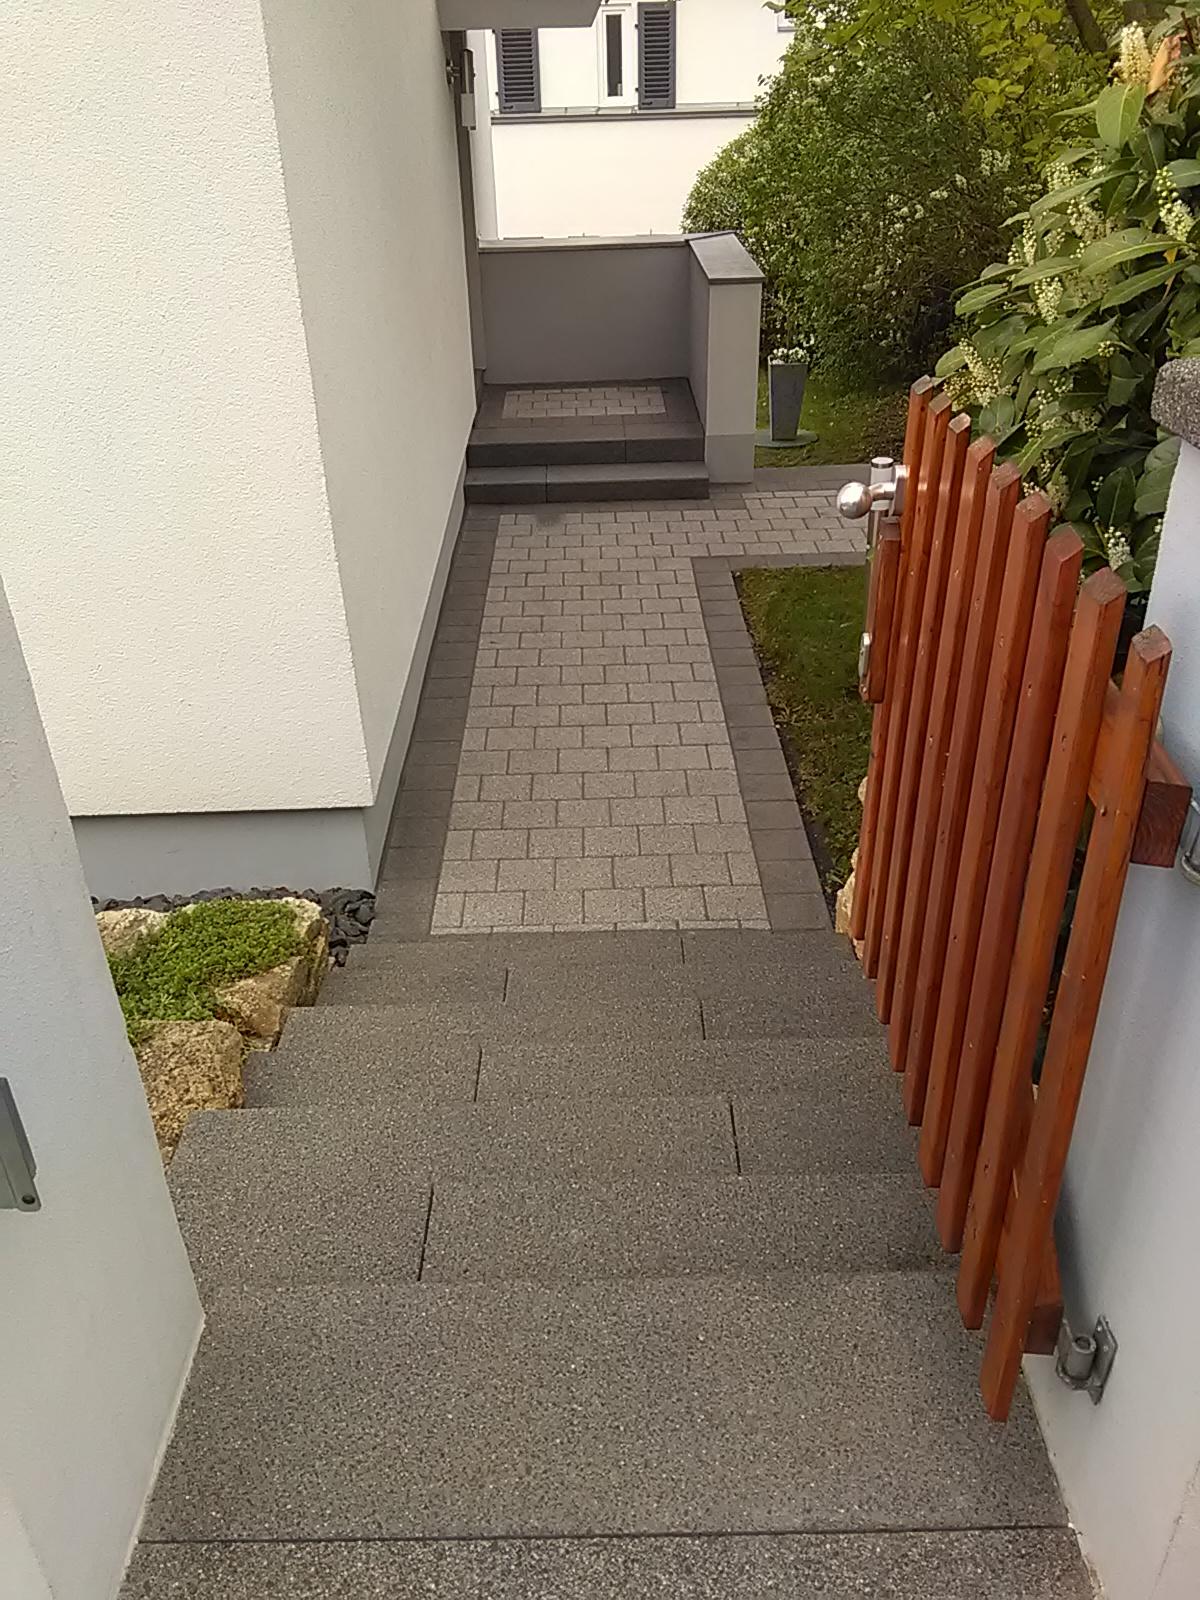 Die vor vielen Jahren verlegten Pflastersteine und Stufen sehen nach der Reinigung aus wie neu.